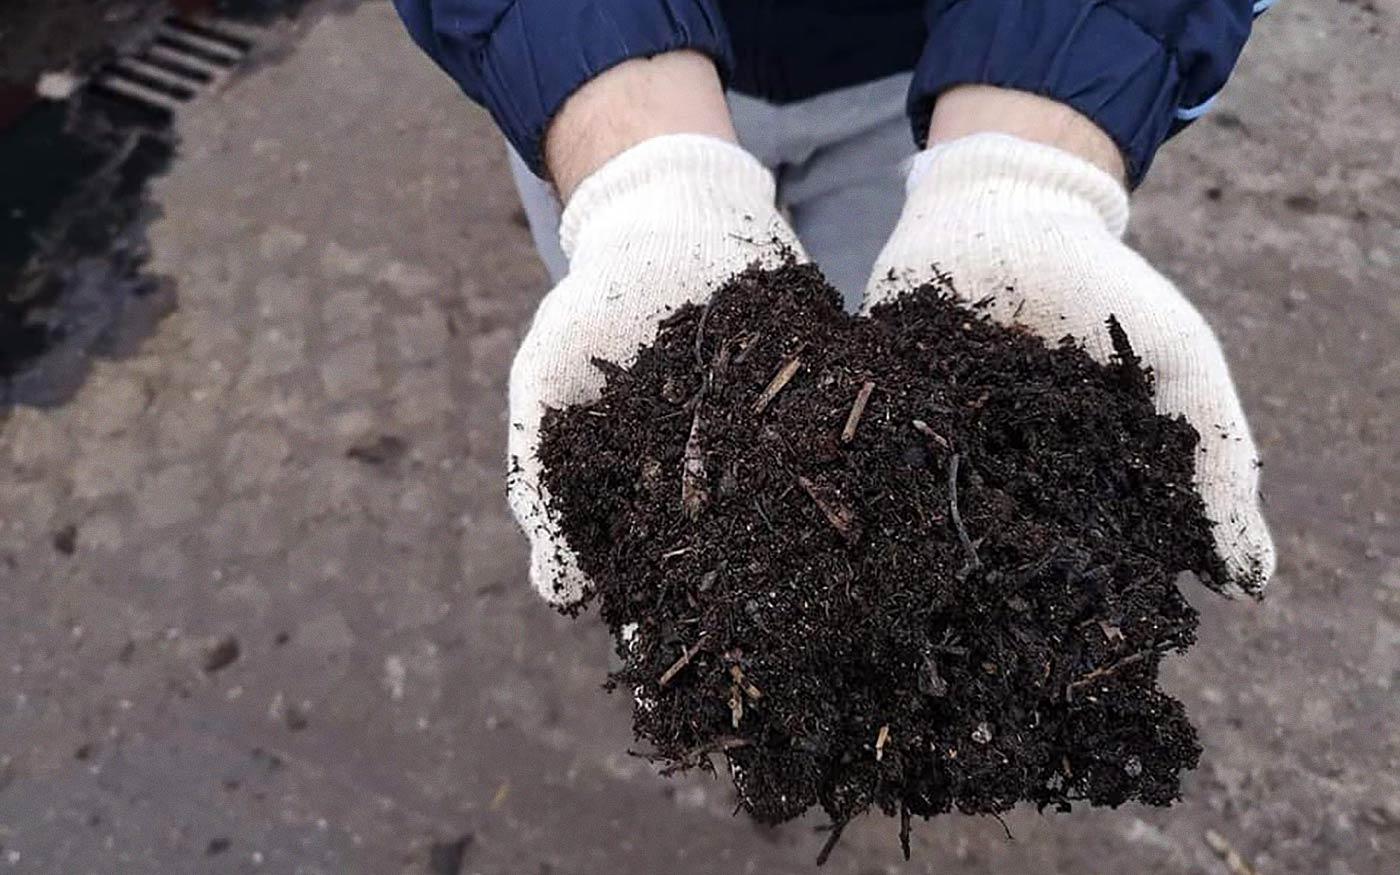 Most készül a tavaszi komposzt a dunaharaszti Zöldhulladéklerakóban